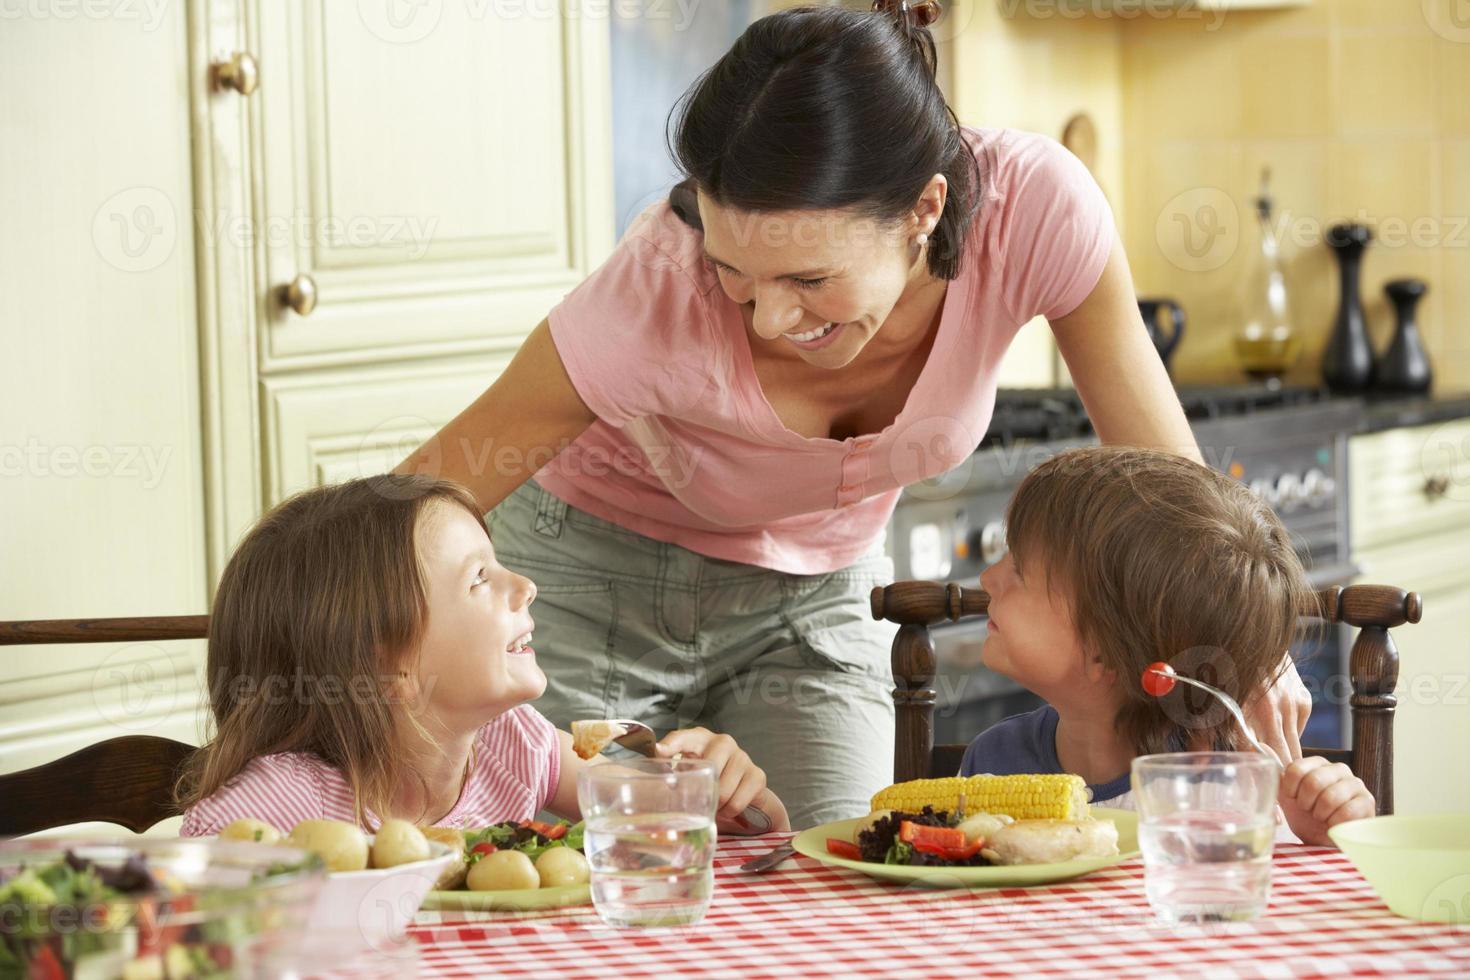 mãe servindo refeição para crianças na cozinha foto